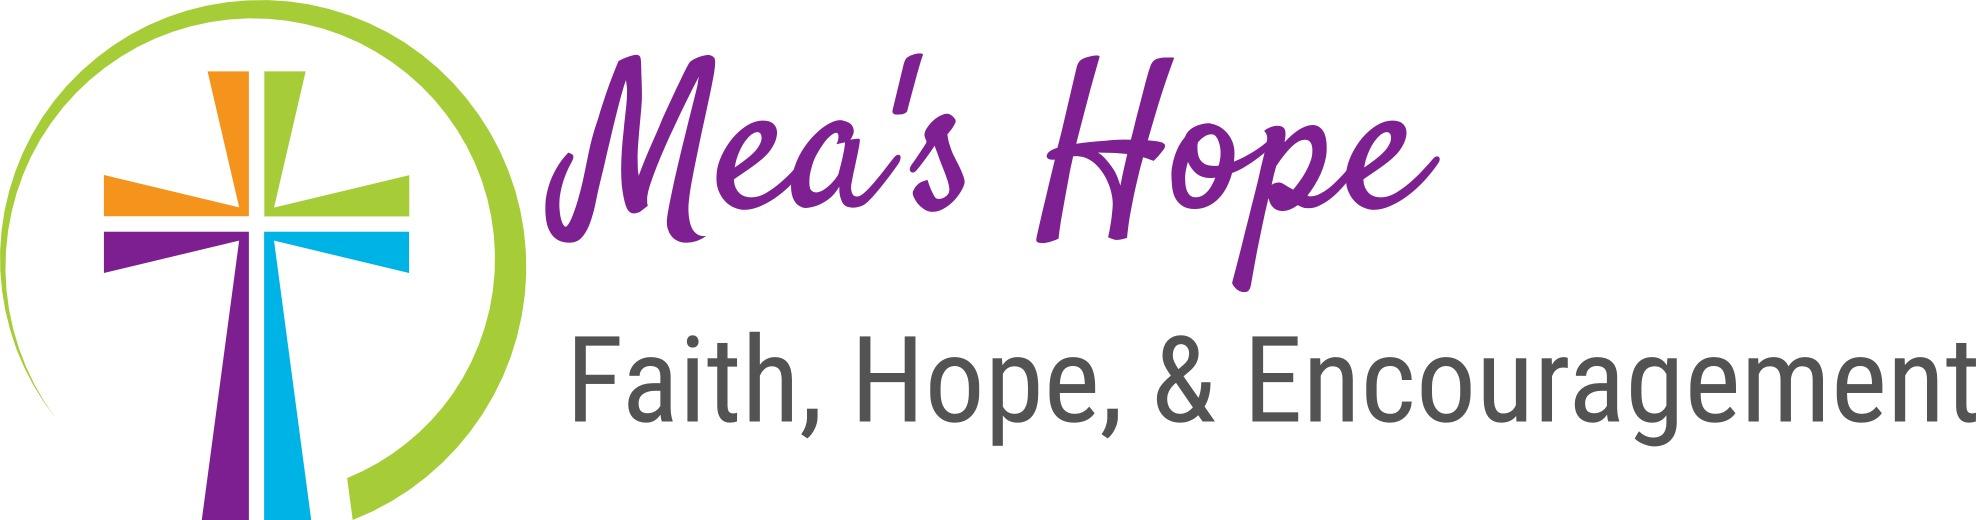 Mea's Hope